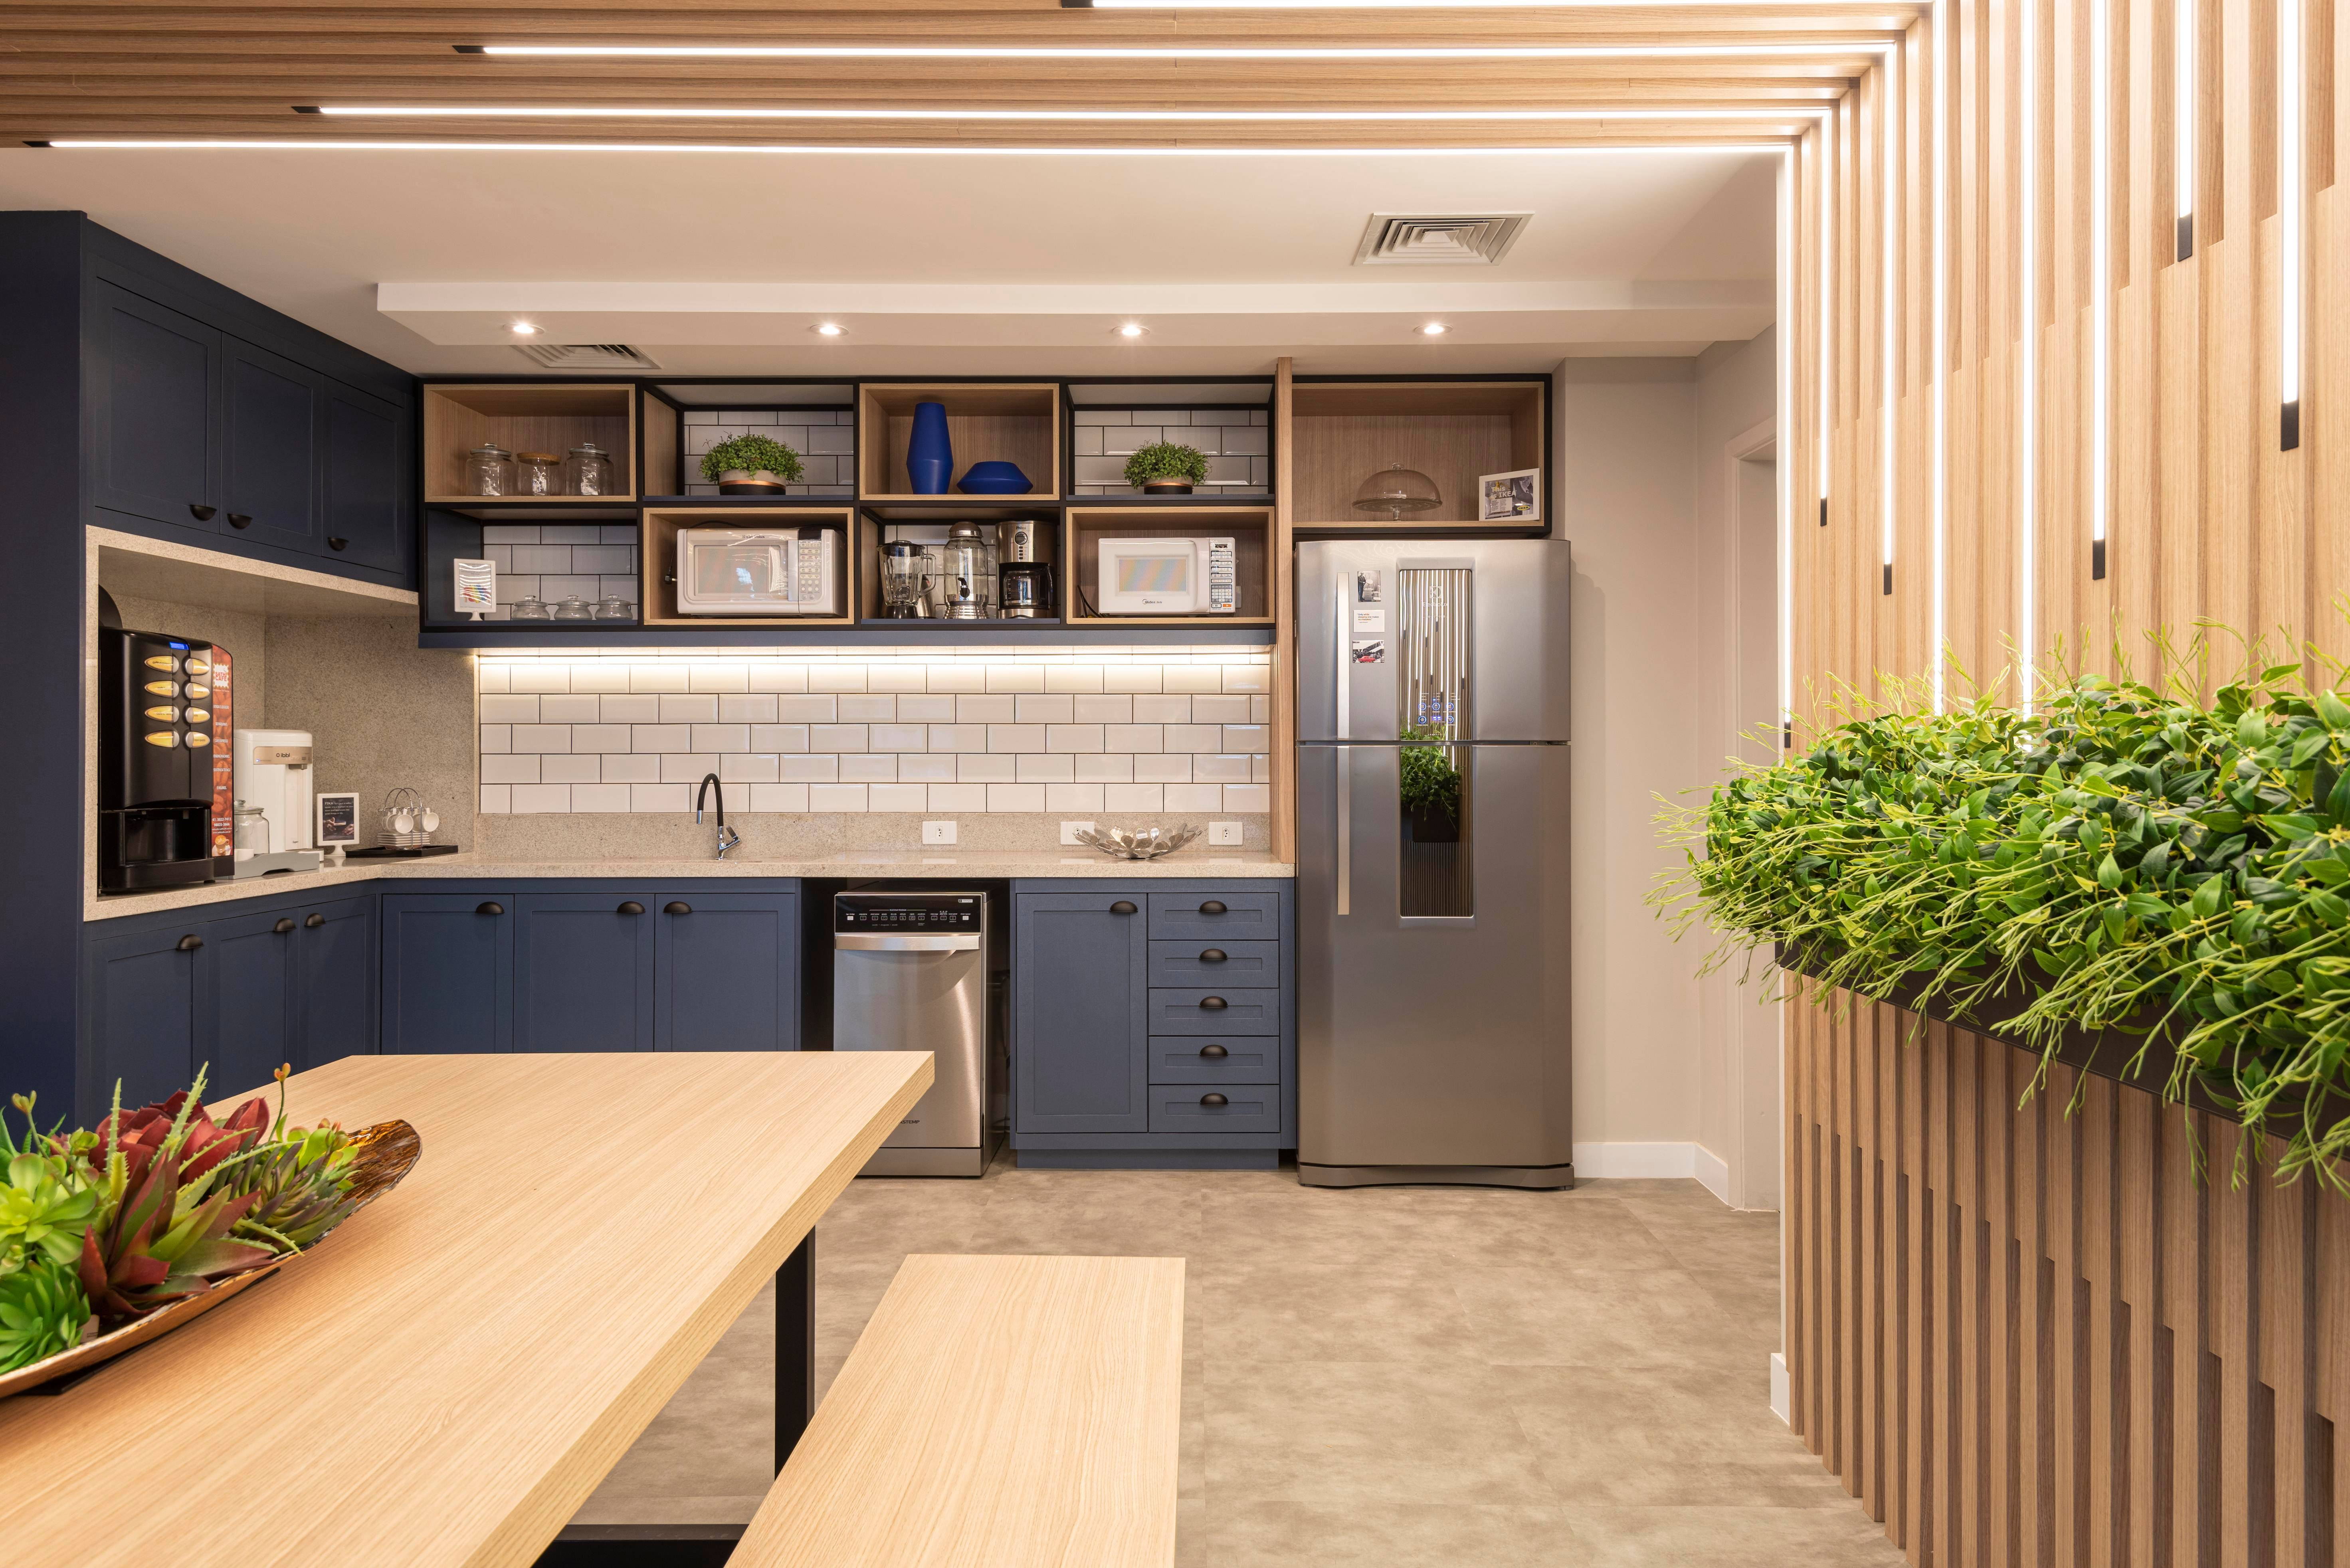 Daniele Ducate planejou o espaço gourmet para o escritório de uma empresa.